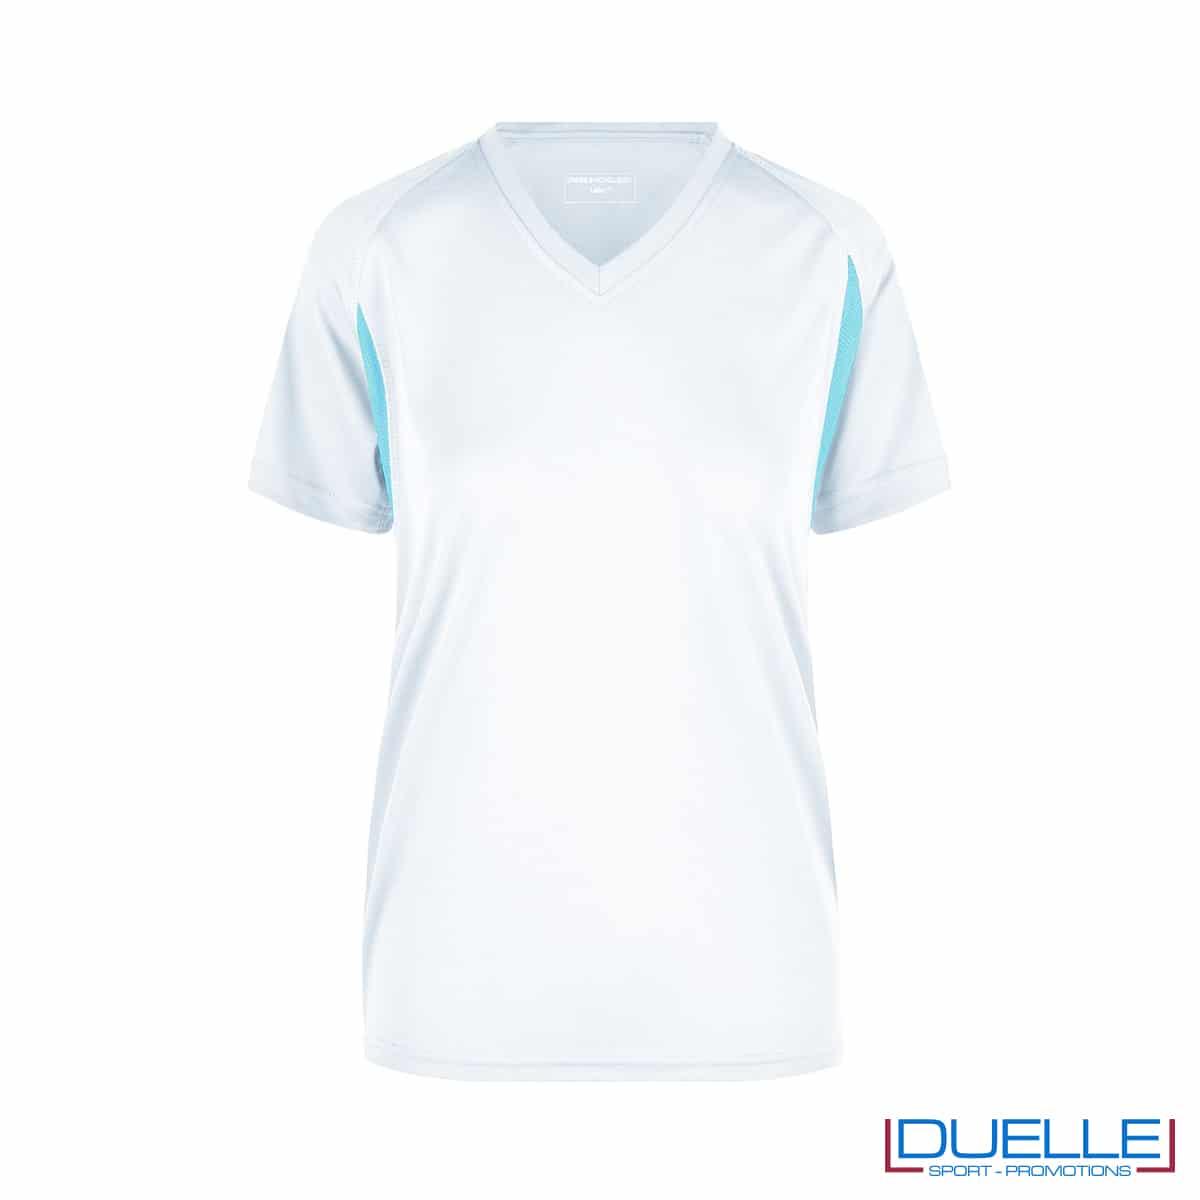 T-shirt running donna personalizzata colore bianco-celeste